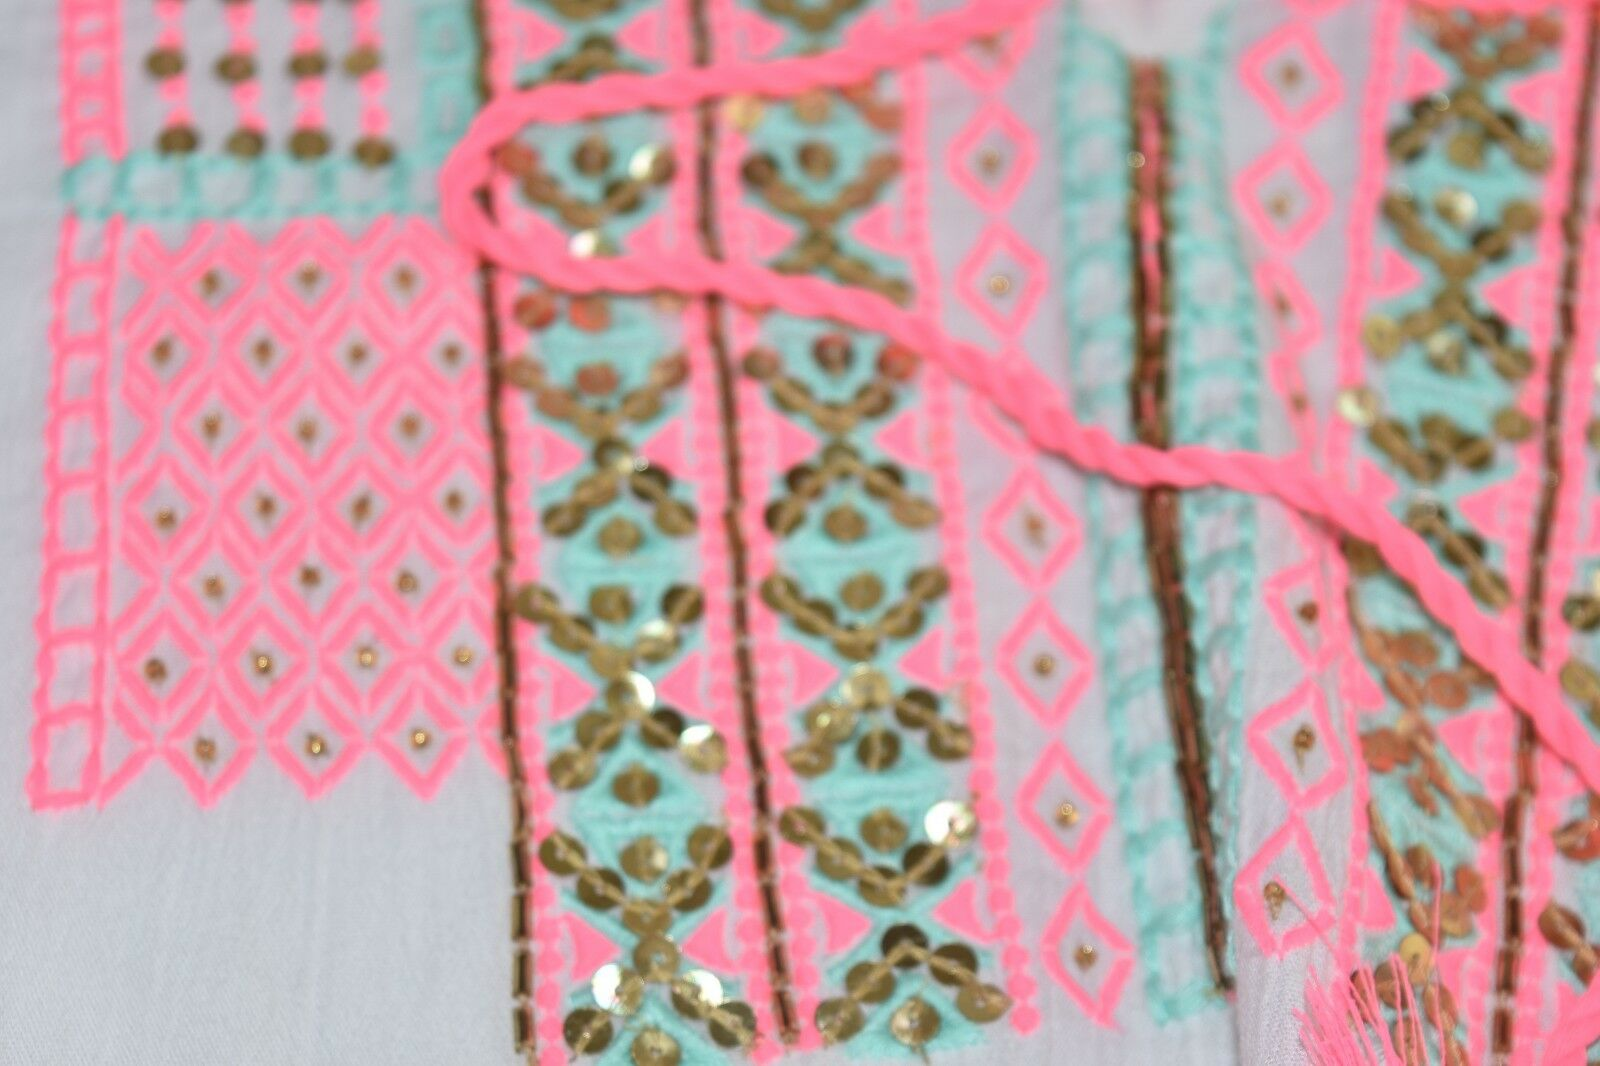 Nuovo Nuovo Nuovo Lilly Pulitzer Lucinda Caftano Resort Bianco Prendisole Ricamo rosa S M 3296e9